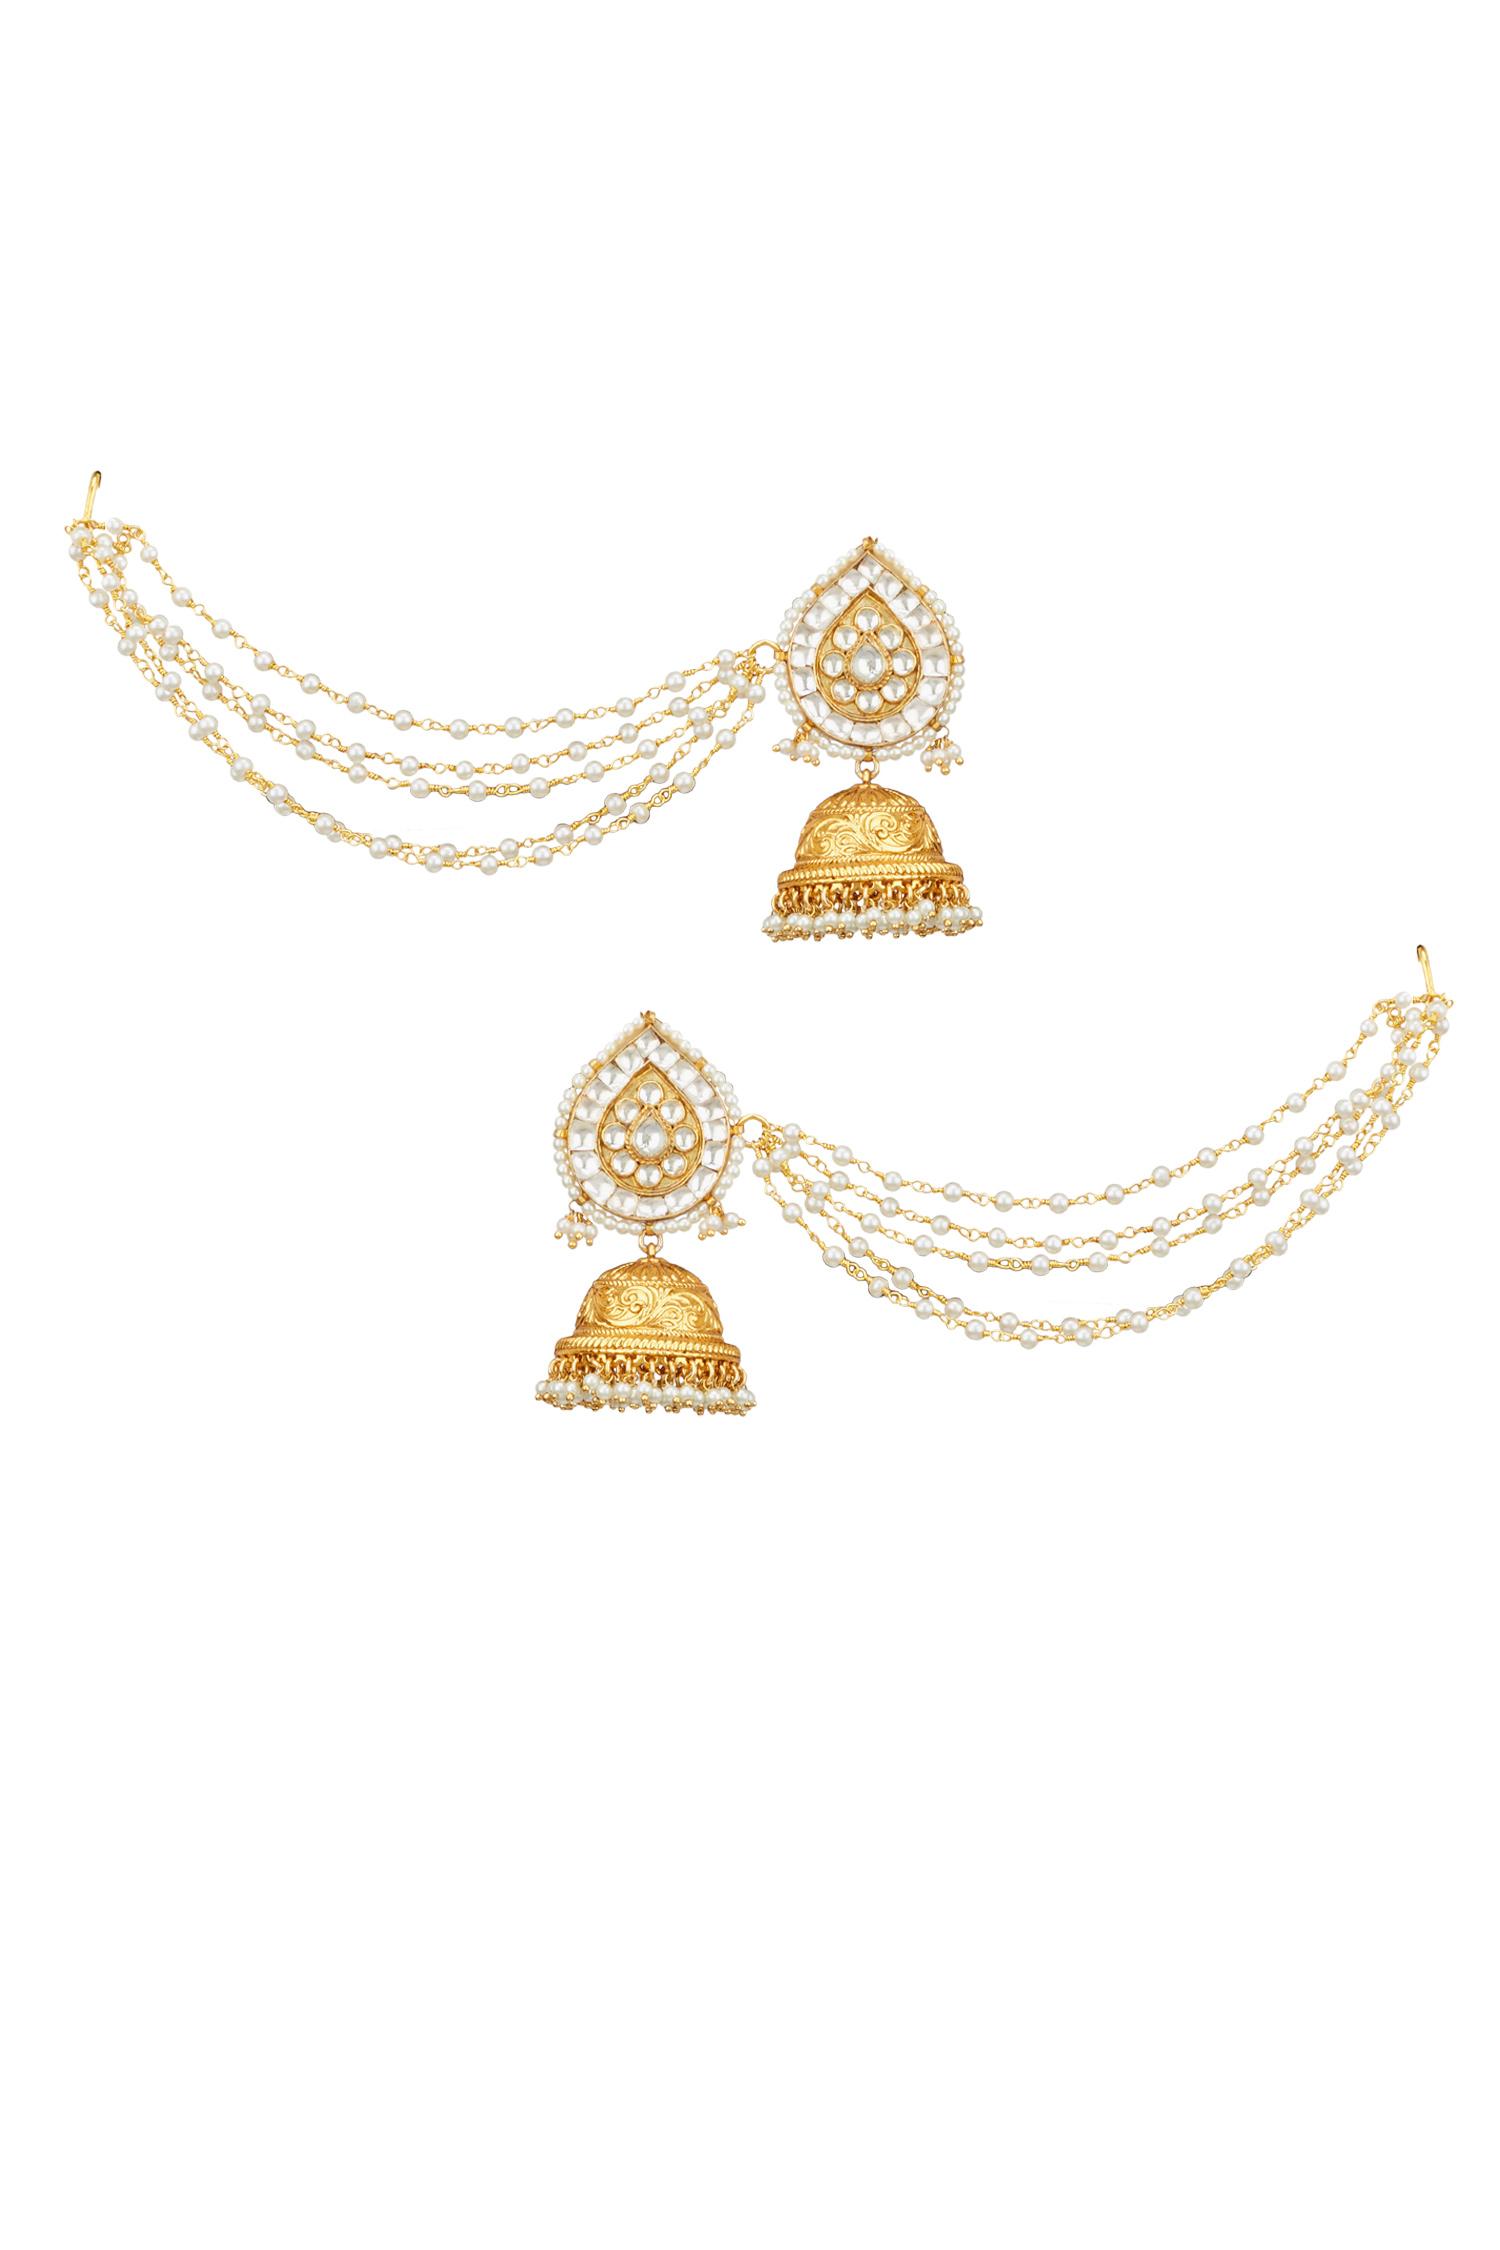 Anjali Jain